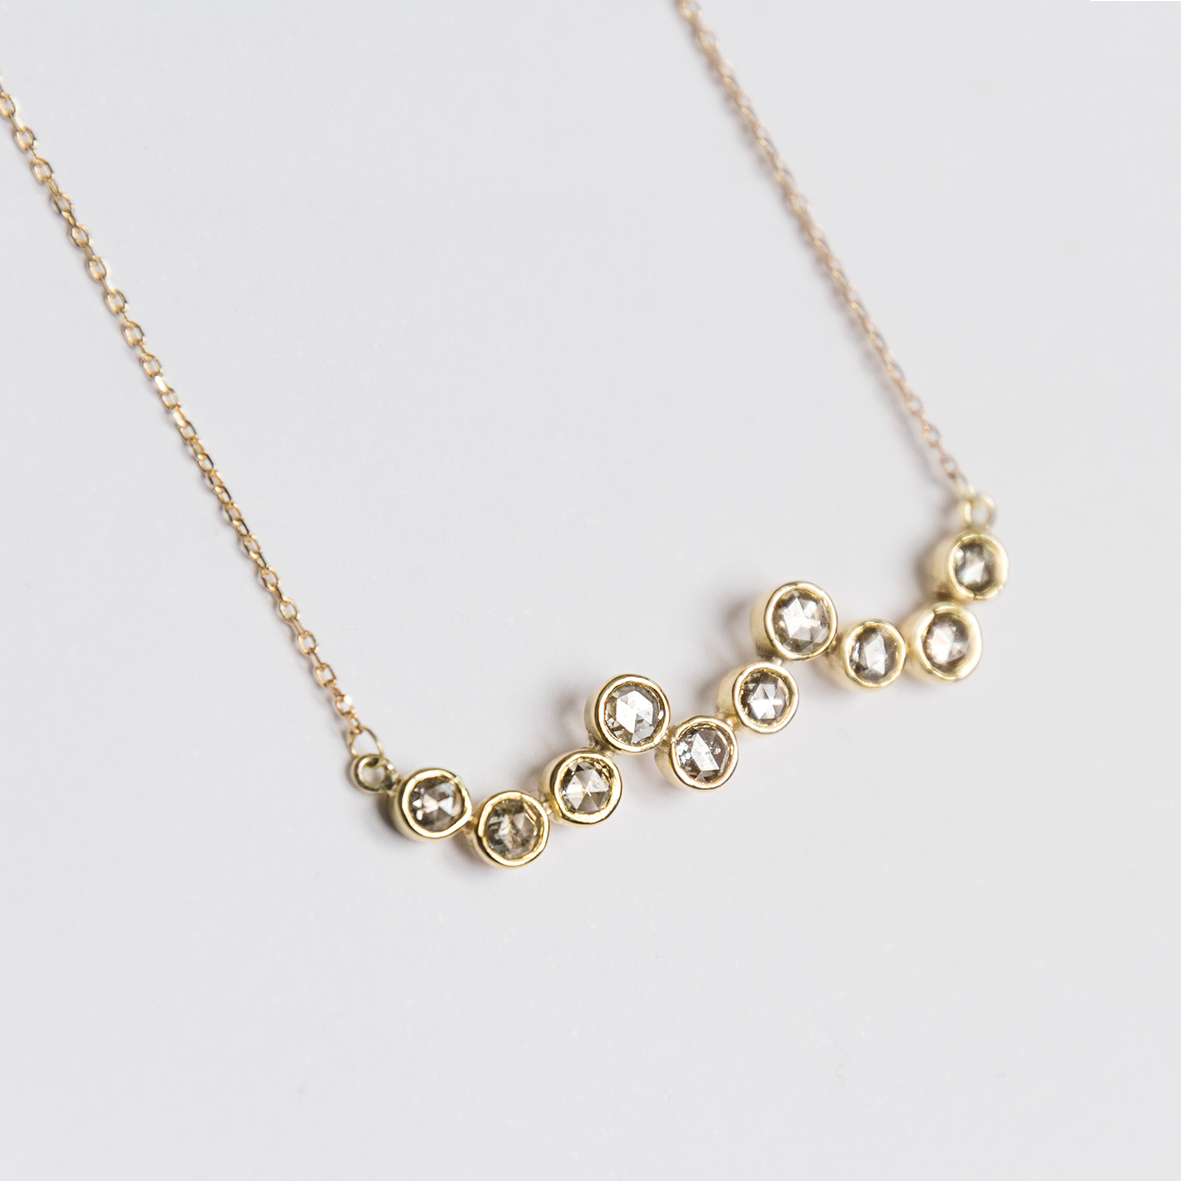 1. OONA_philo_principal_waves diamond necklace